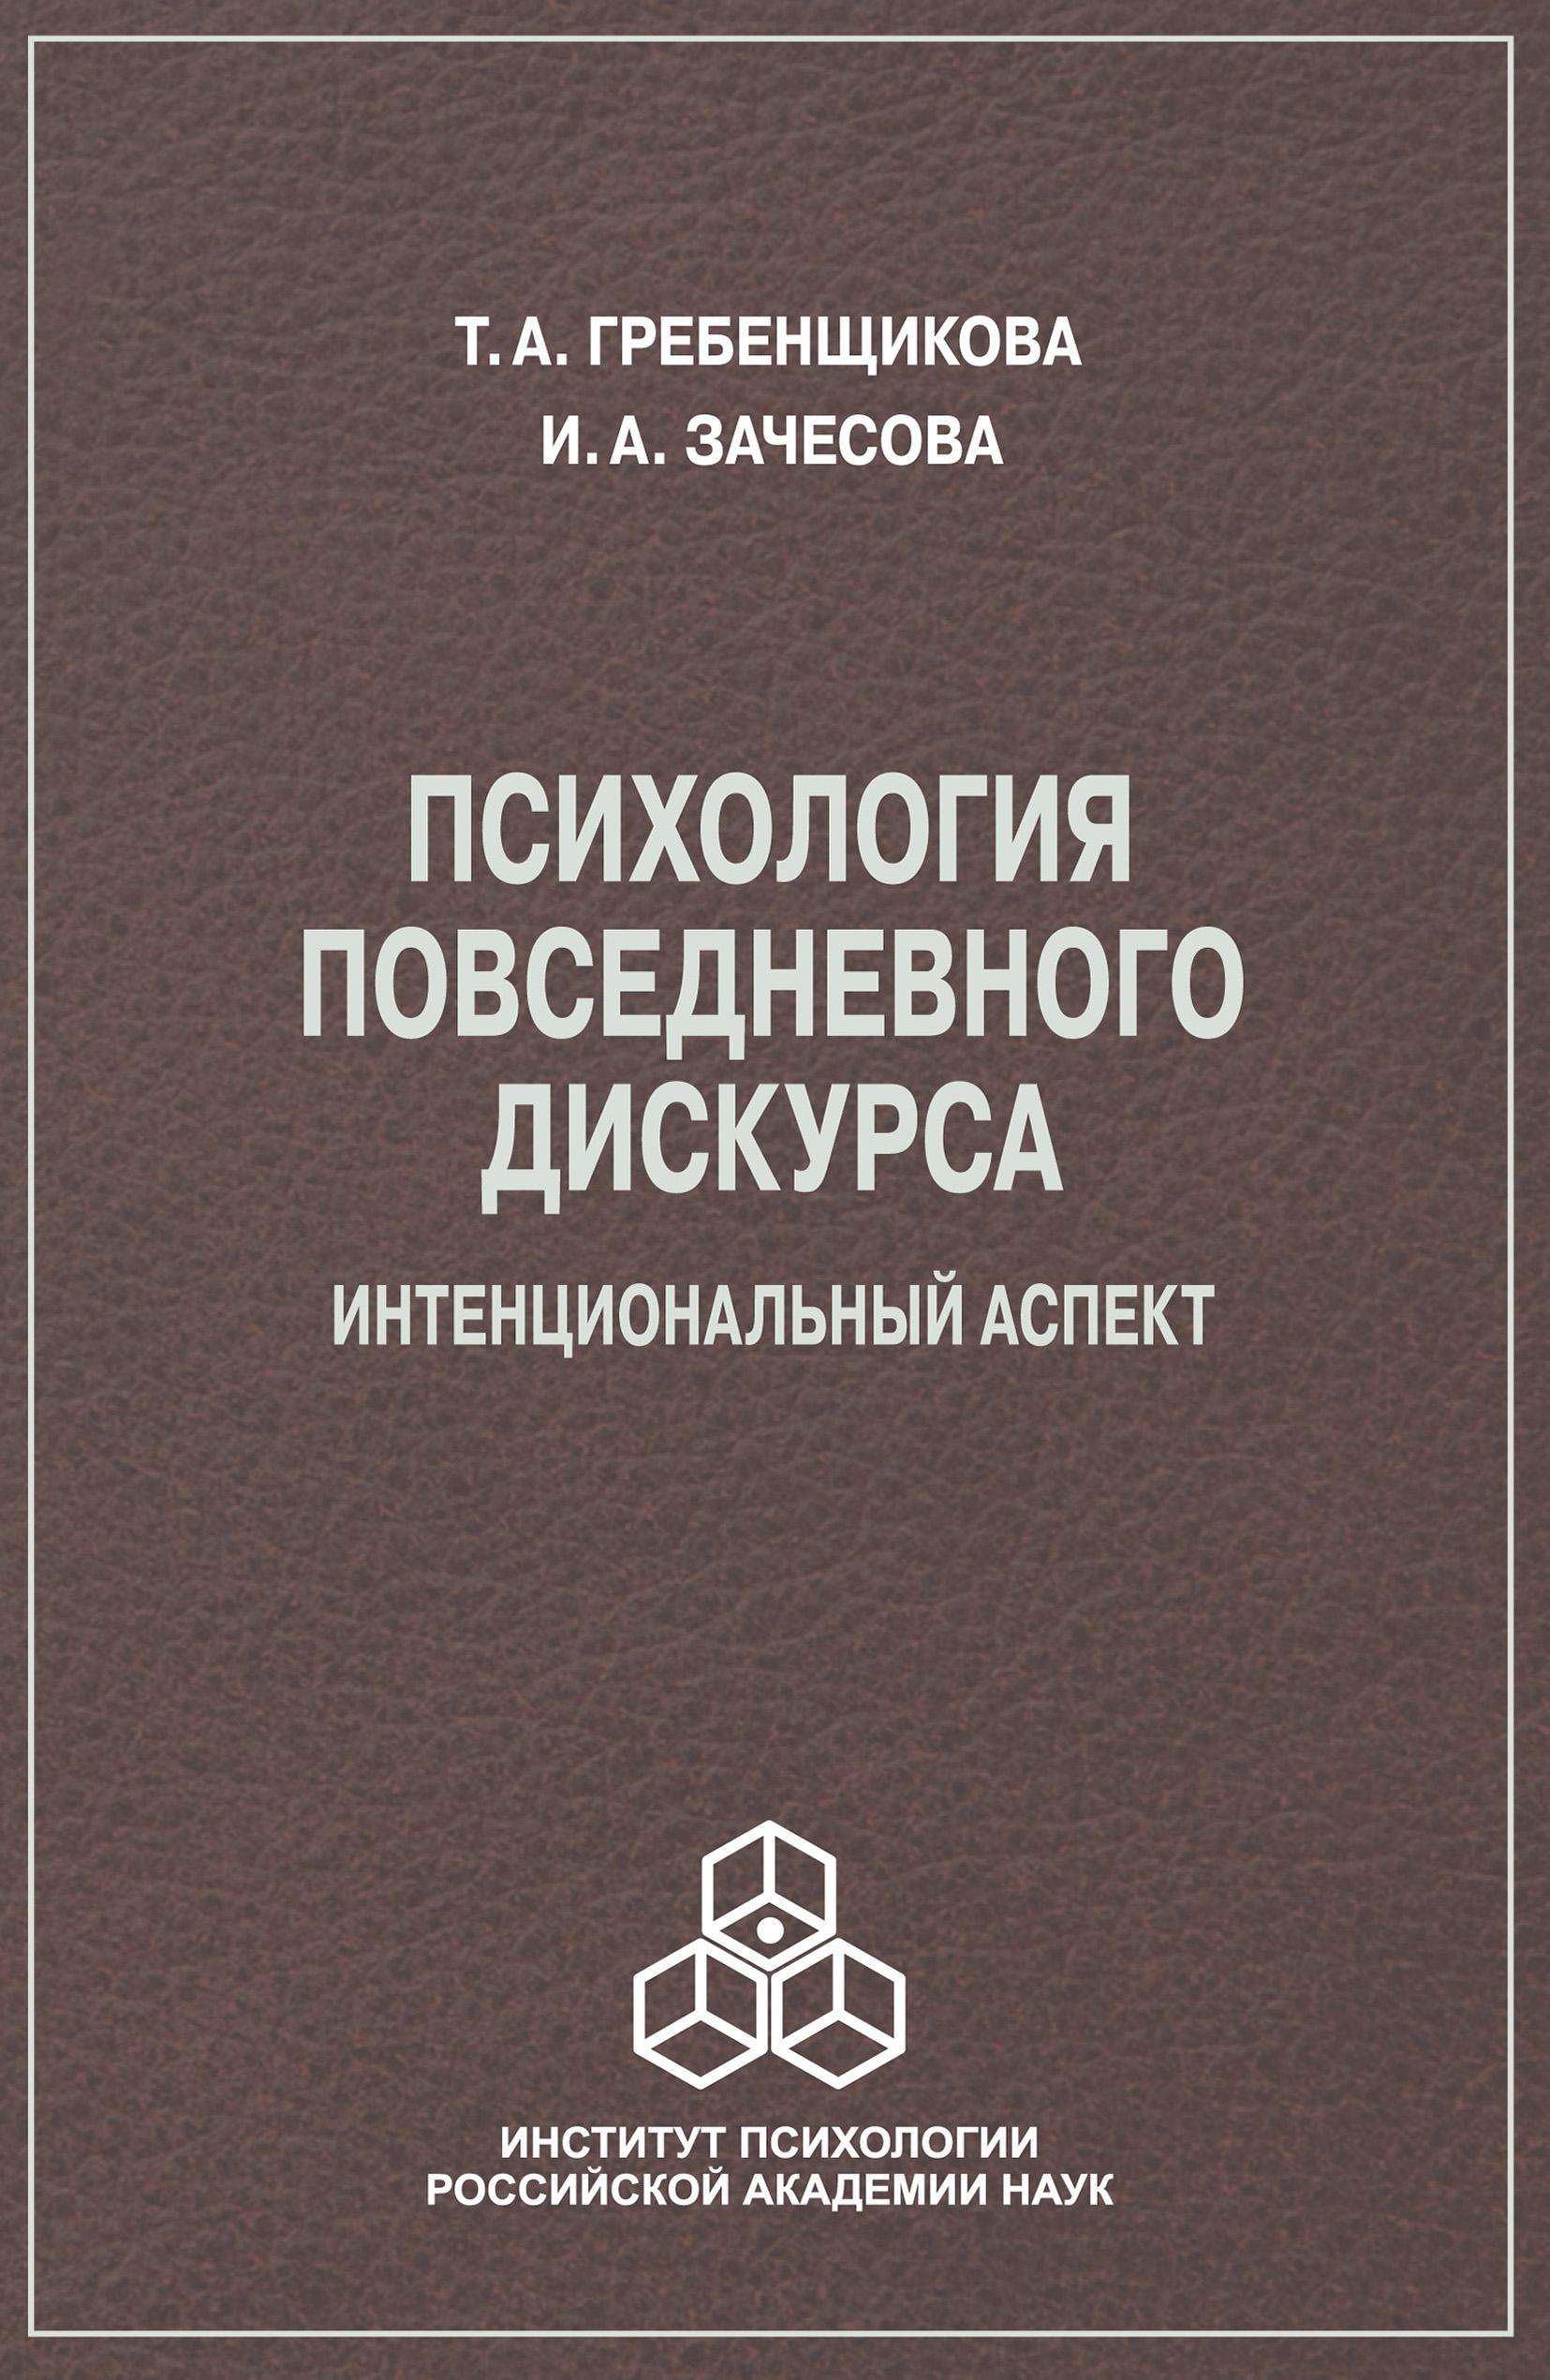 Ирина Зачесова Психология повседневного дискурса. Интенциональный аспект